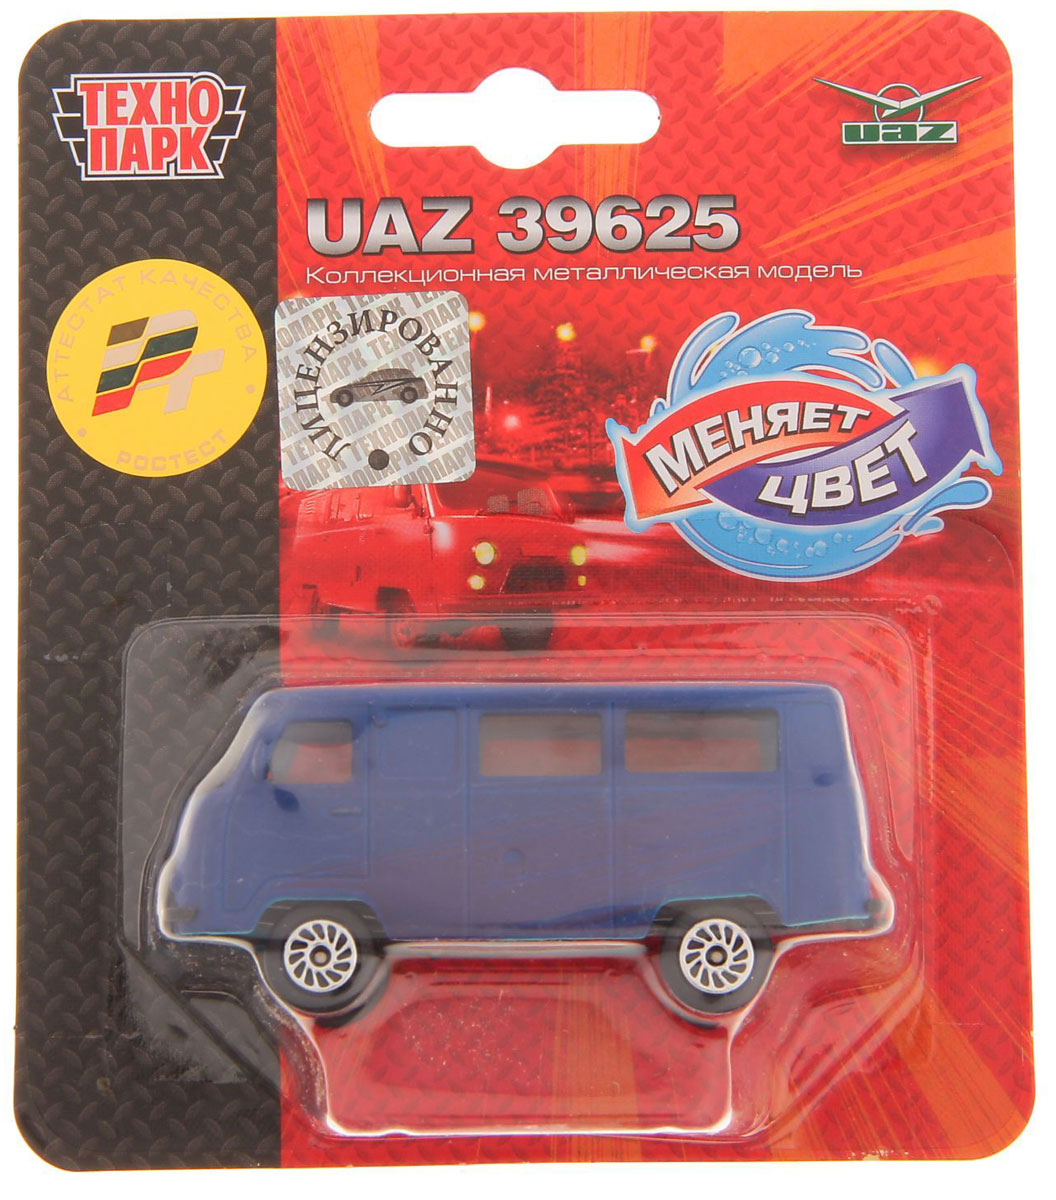 ТехноПарк Автомобиль UAZ 39625 autotime модель автомобиля uaz 39625 дорожные работы